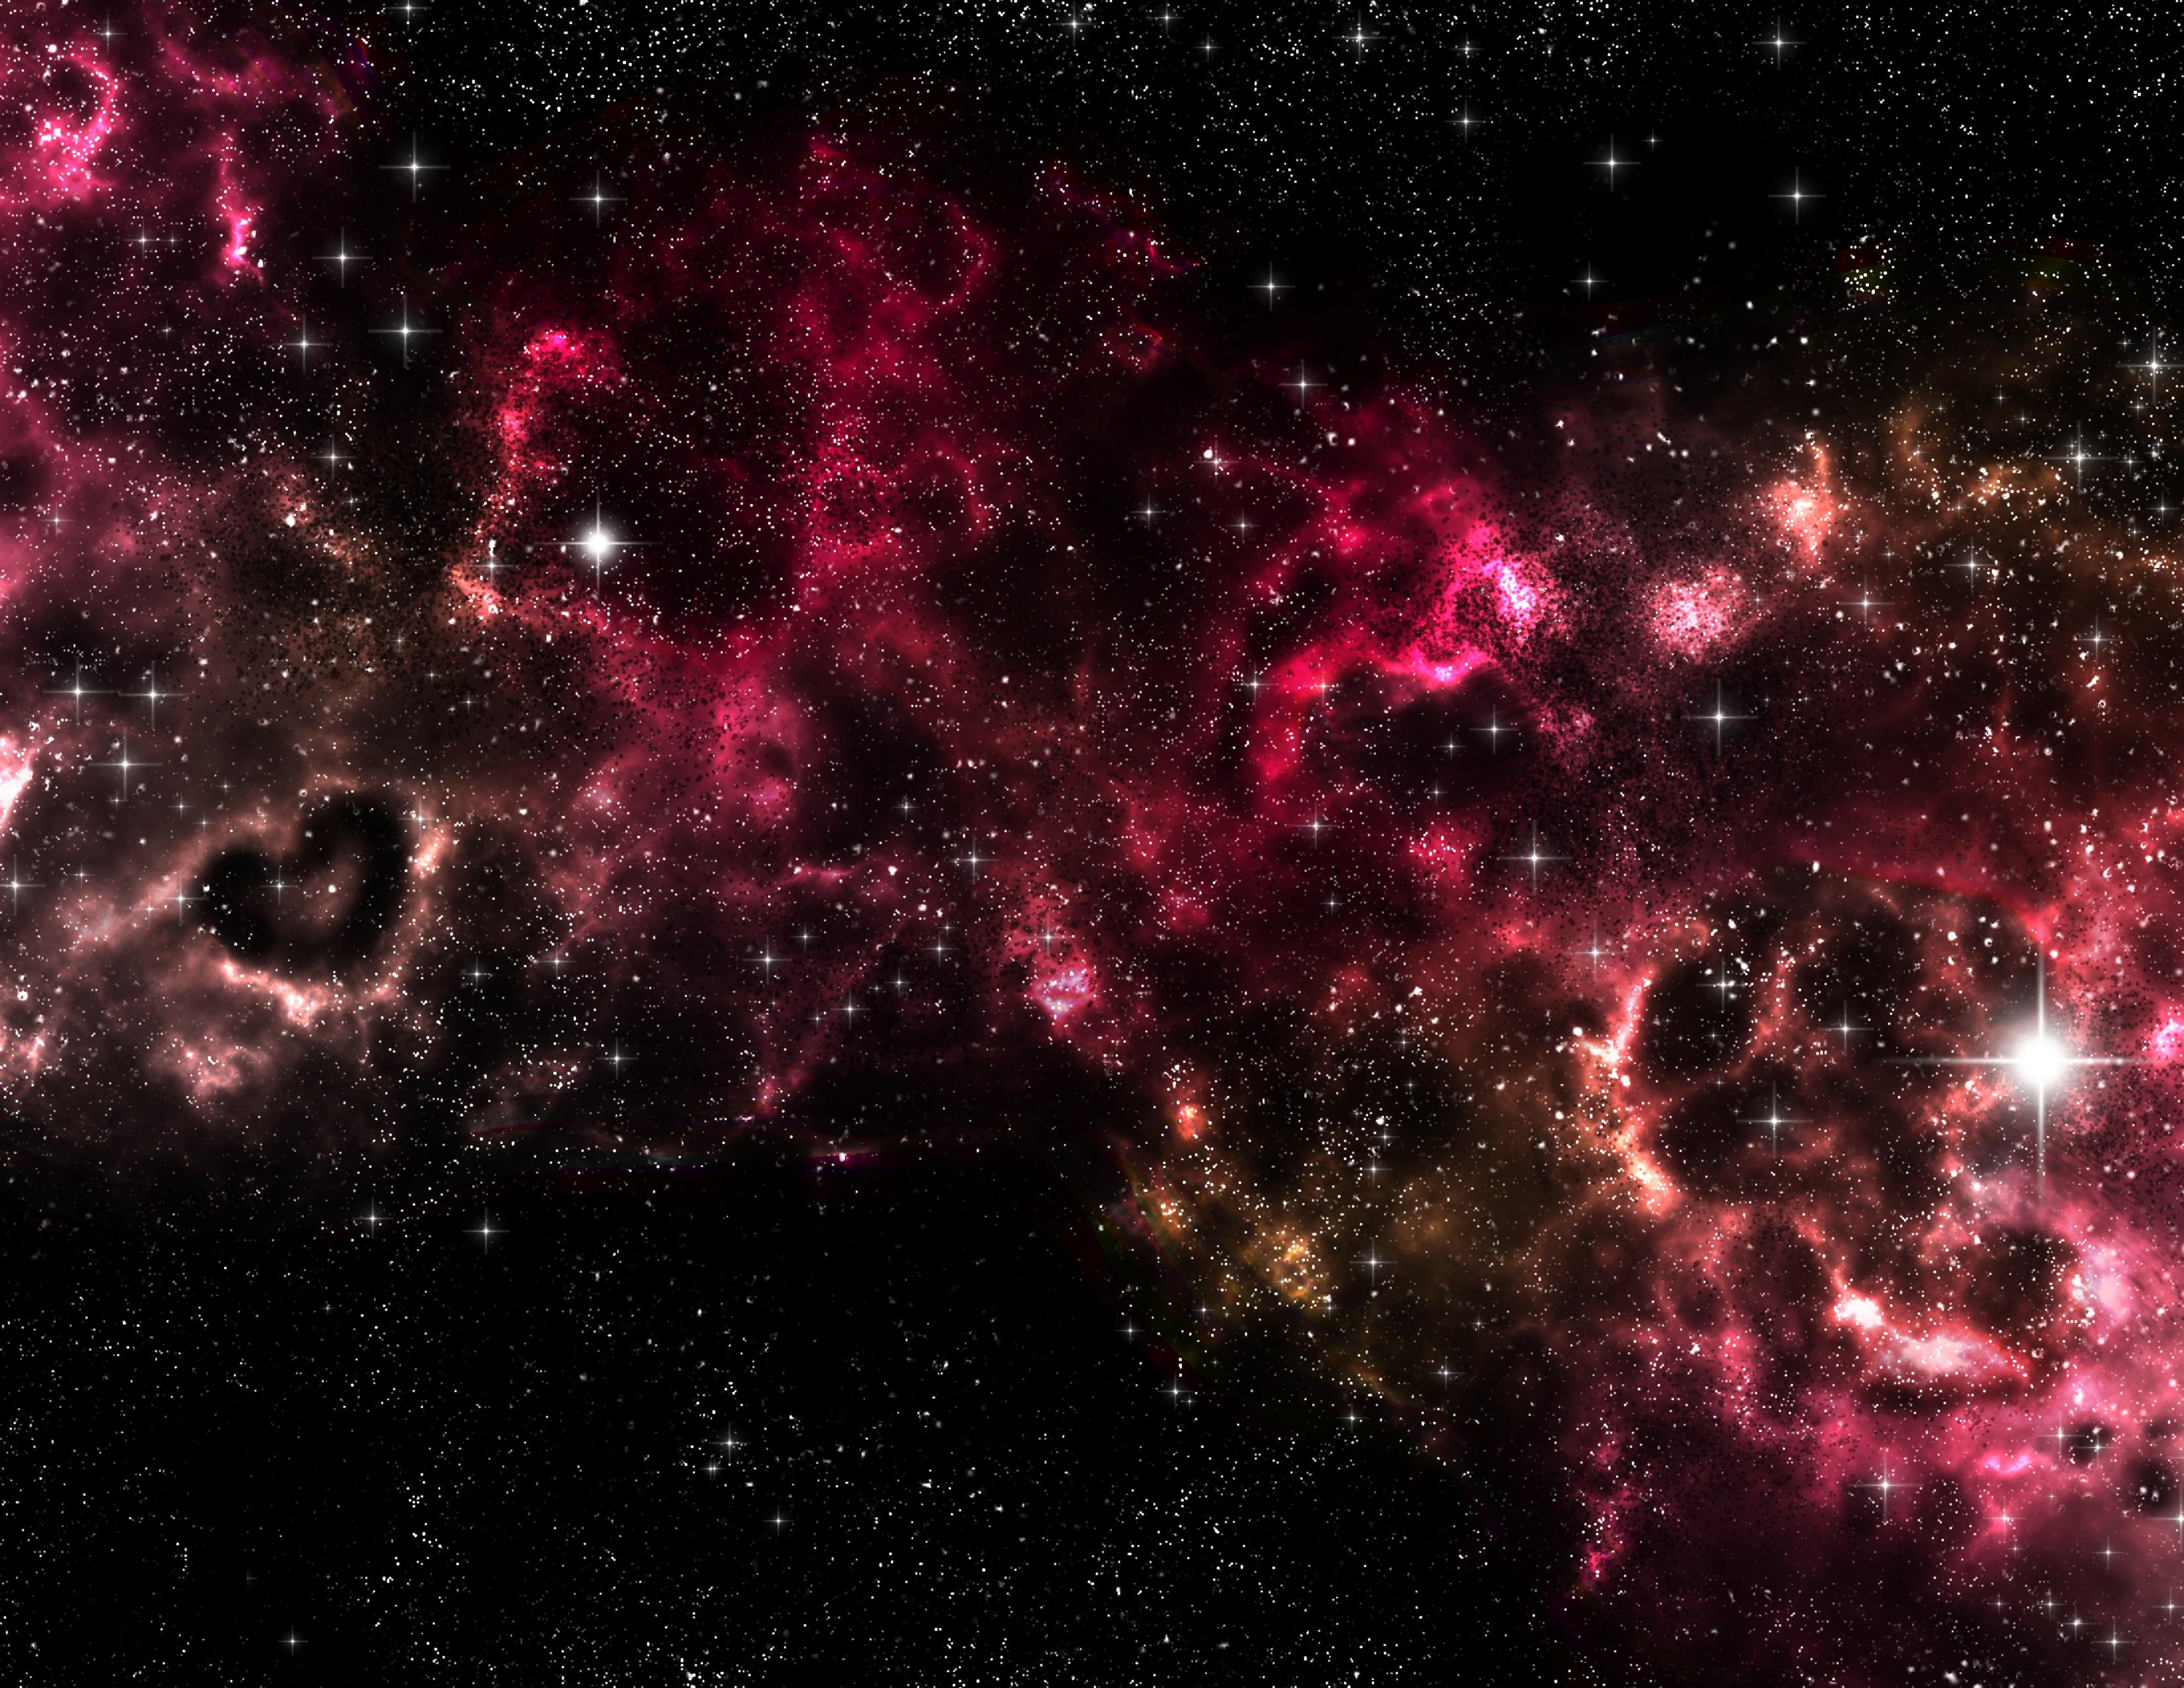 123878 Hintergrundbild herunterladen Universum, Sterne, Scheinen, Brillanz, Galaxis, Galaxy, Platz, Raum, Astronomie - Bildschirmschoner und Bilder kostenlos